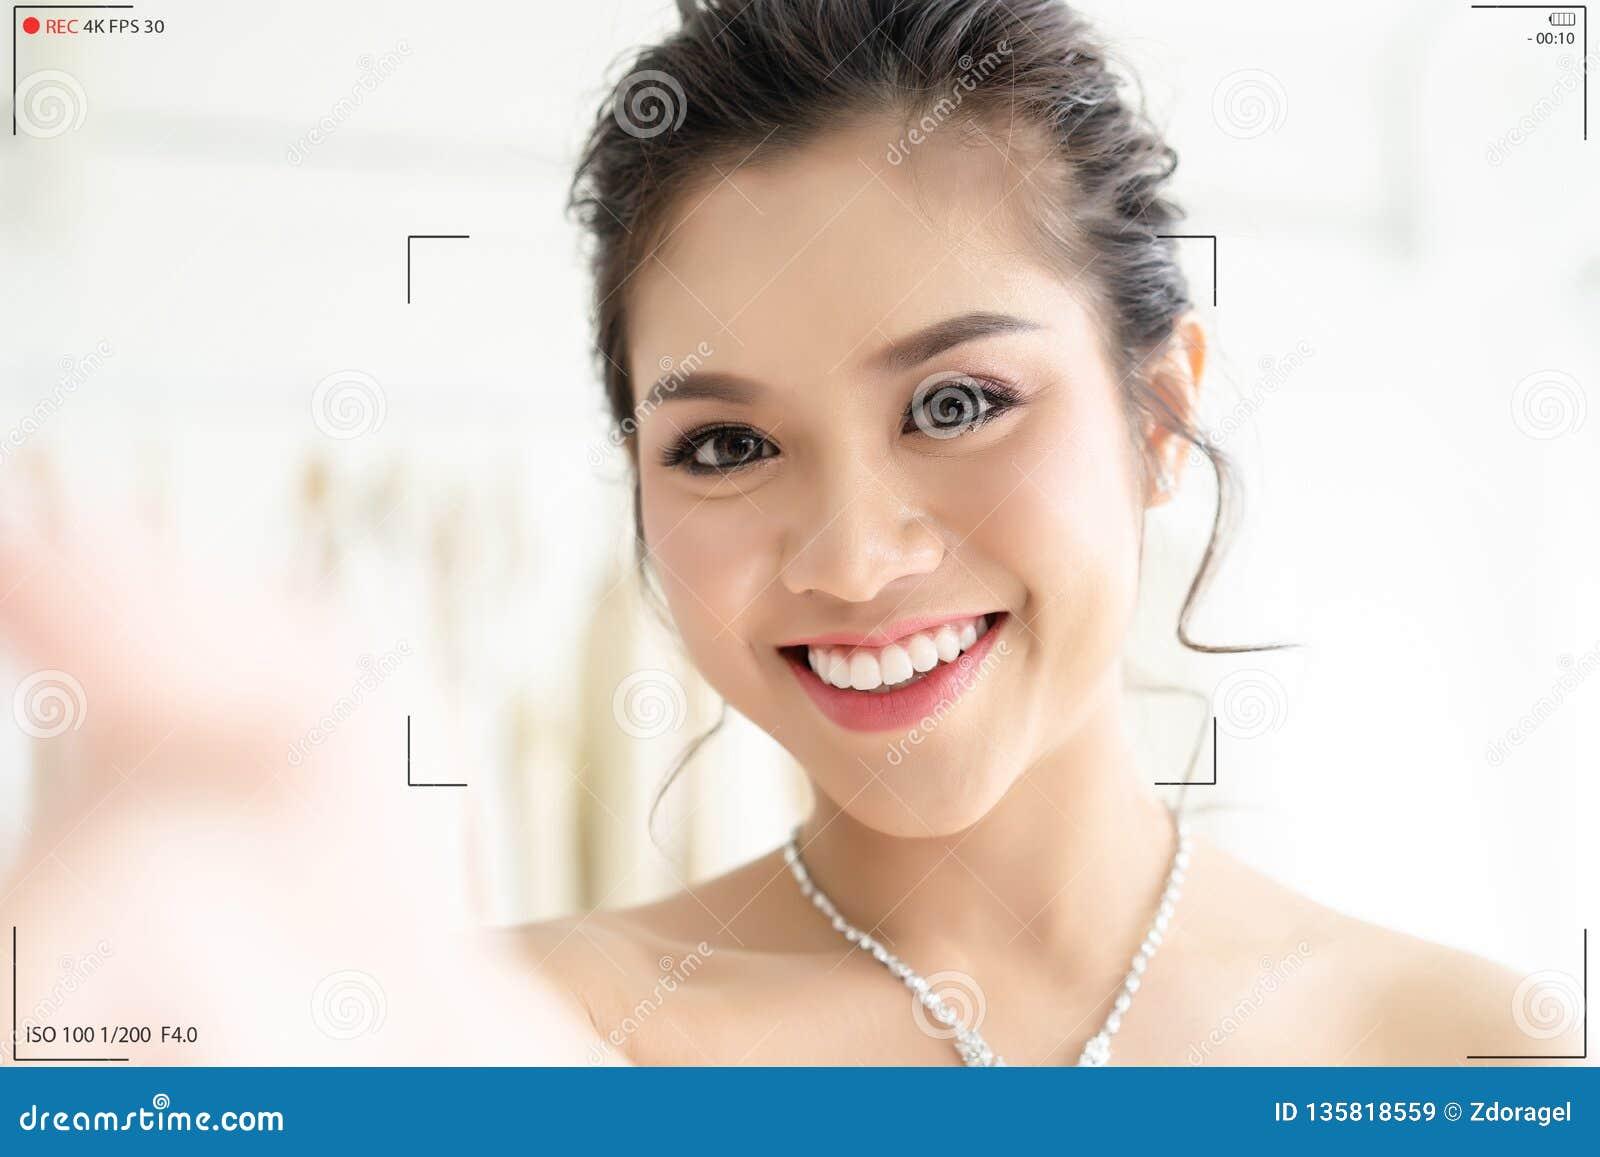 consider, skinny girl facials porno consider, that you